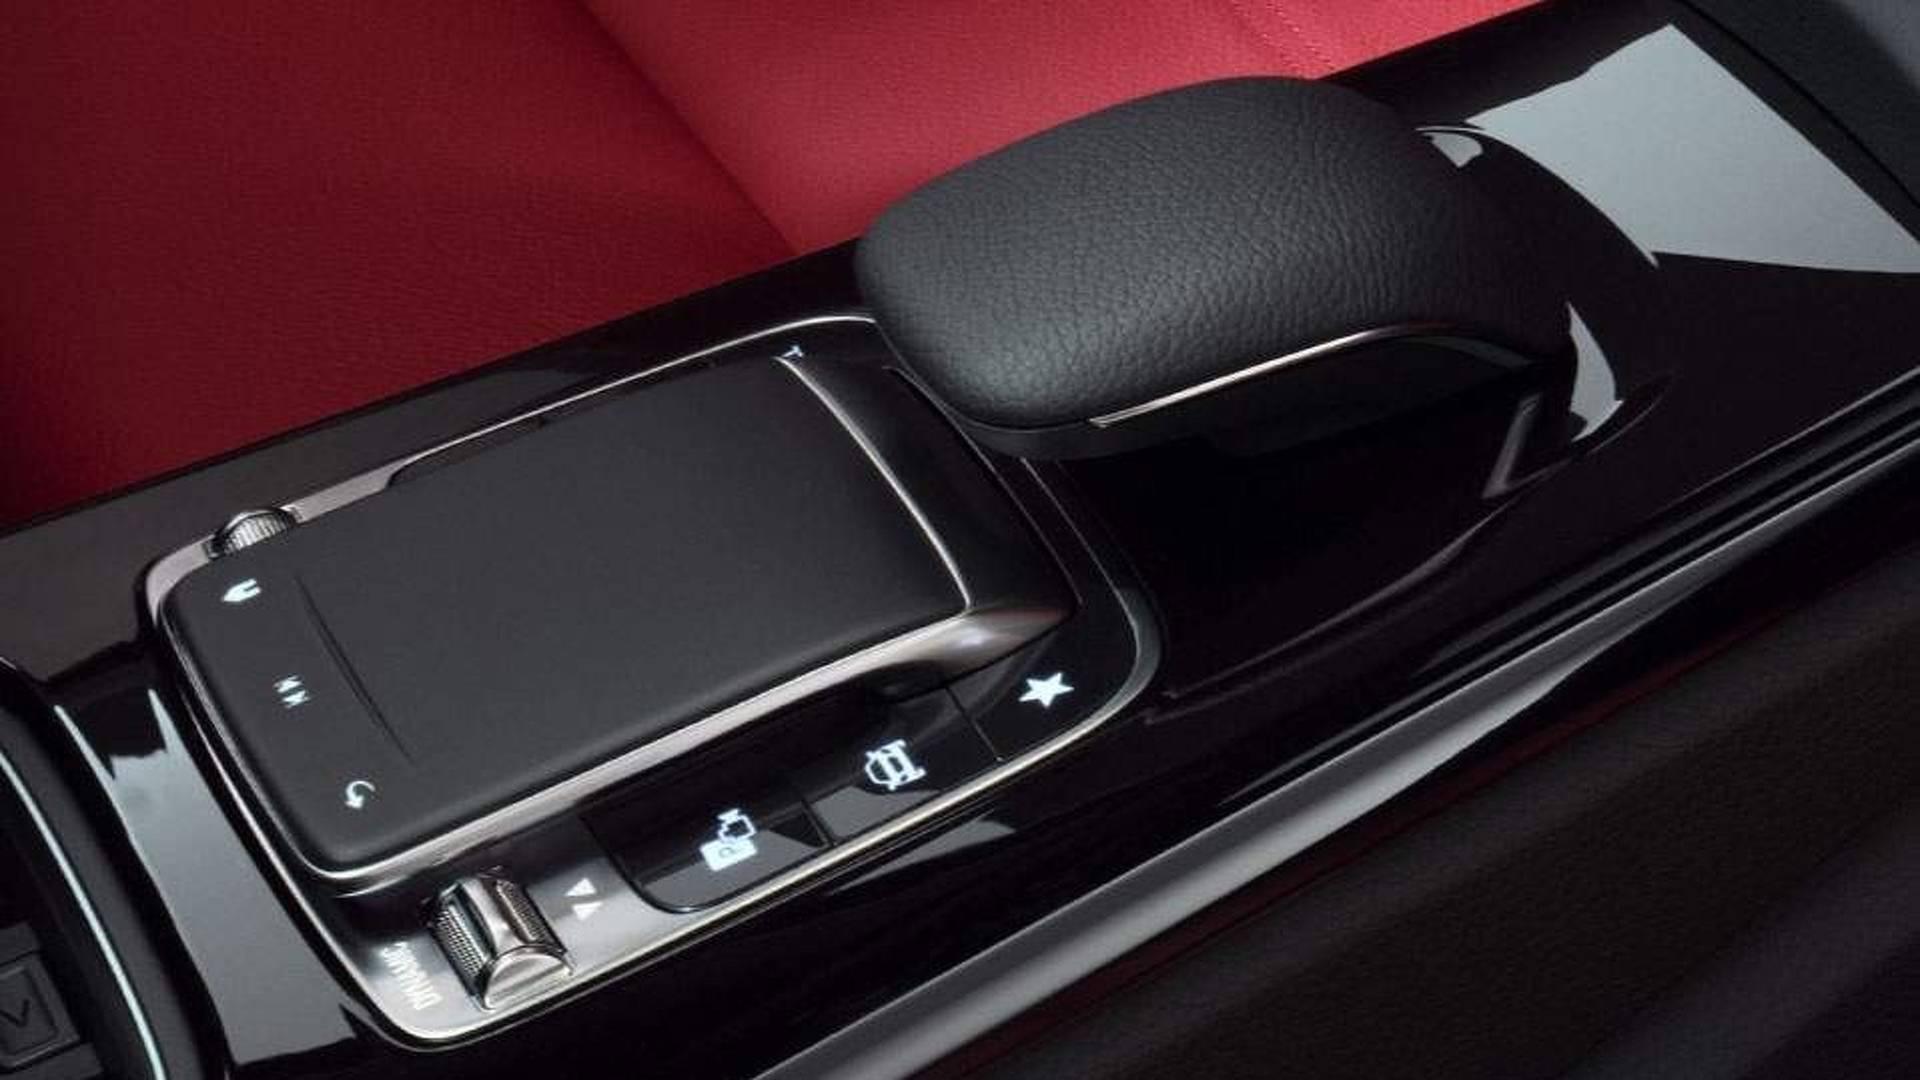 Mercedes benz a klasse w177 2018 for Mercedes benz ticker symbol